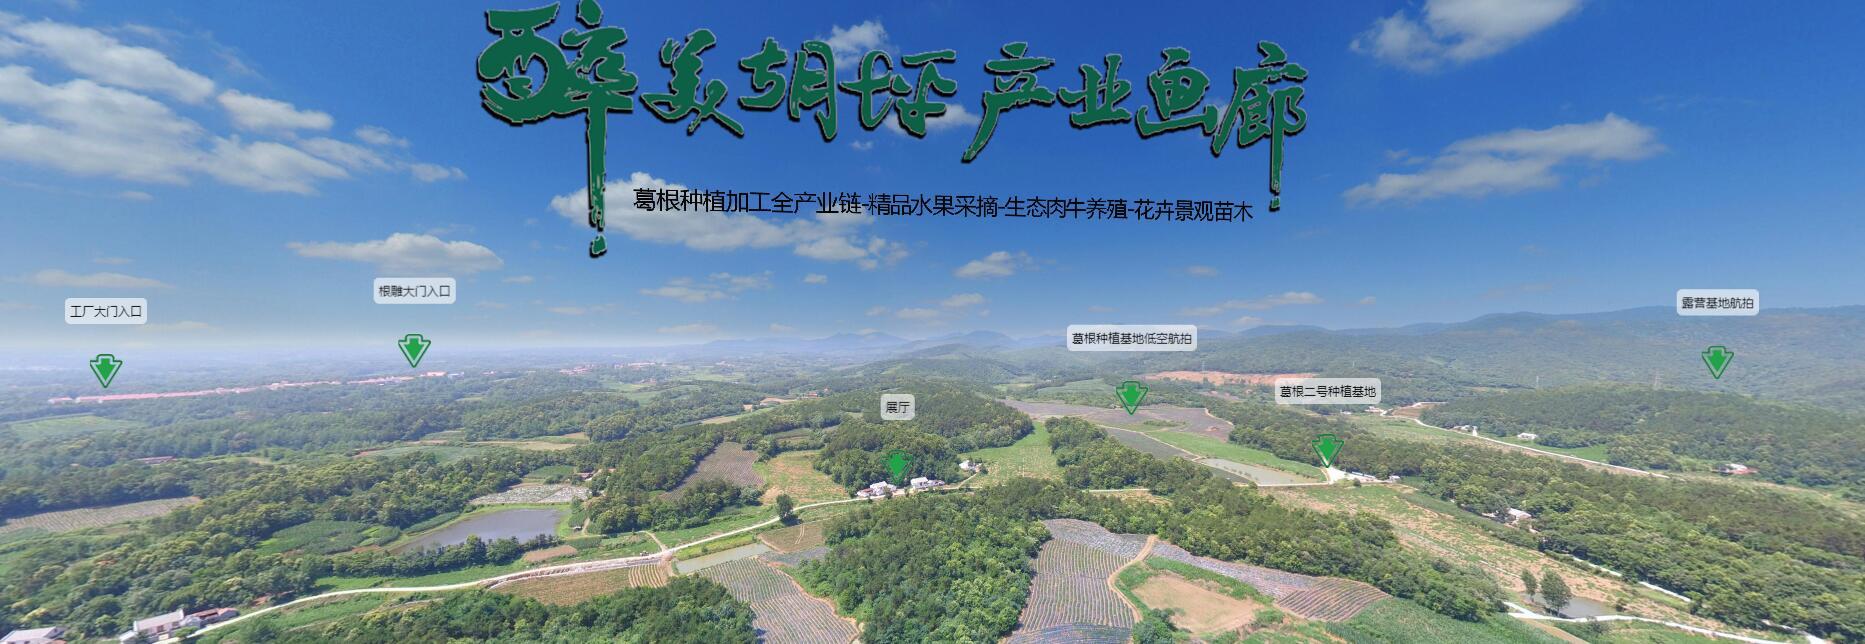 林州VR全景拍摄哪家好 可信赖的VR全景拍摄推荐